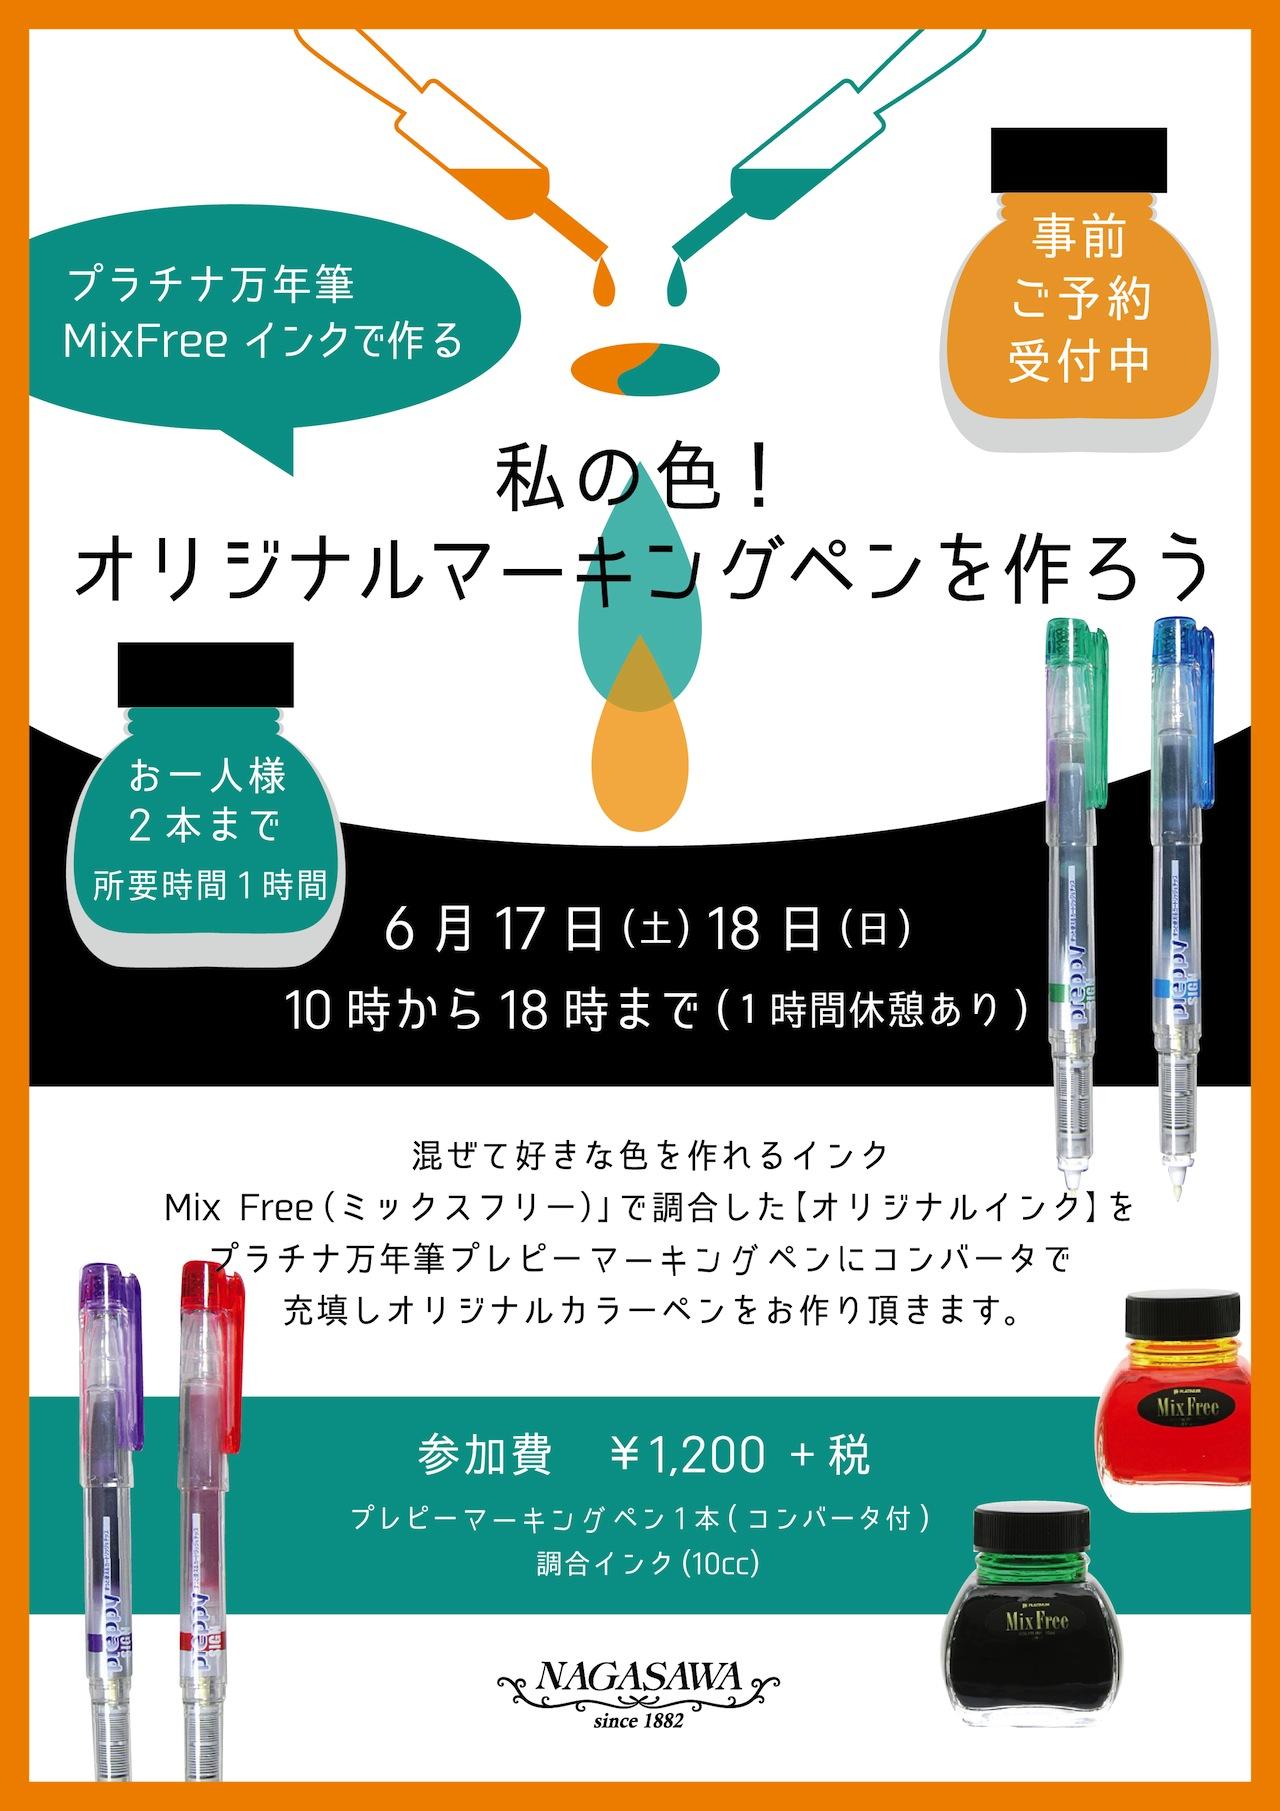 私の色!オリジナルマーキングペンを作ろう @NAGASAWAさんちか店